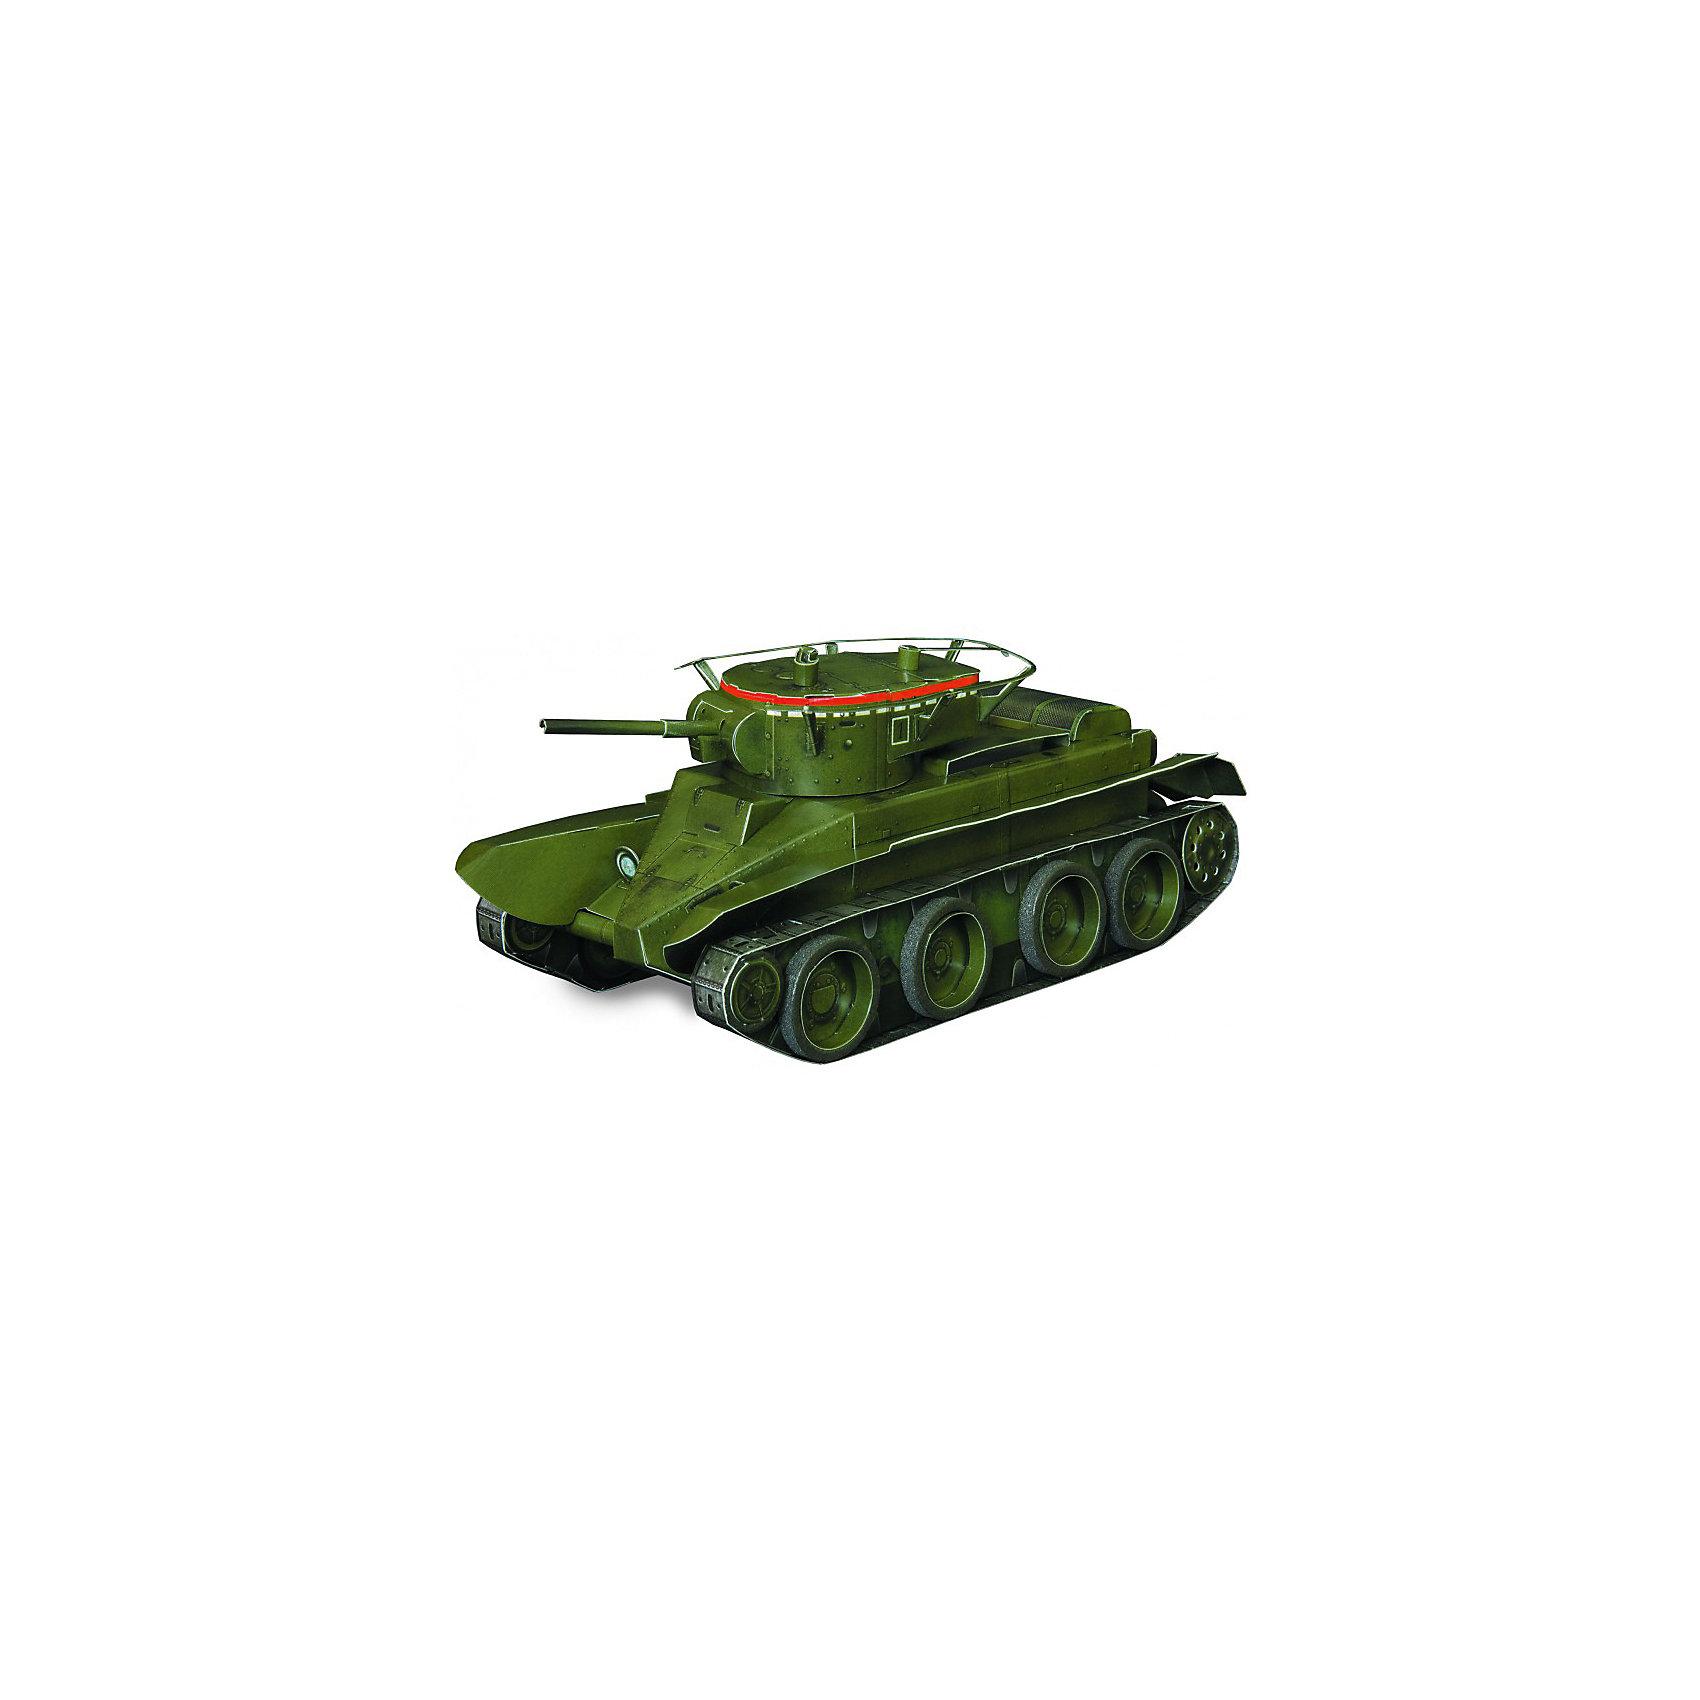 Сборная модель Танк БТ- 5Танк Танк БТ- 5 - легкий колесно-гусеничный танк. Сборная модель с вращающейся башней, выполненная в масштабе 1:35. Высокая степень детализации и реалистичные детали делают сборку конструктора очень интересным занятием. Принцип соединения деталей запатентован: все соединения разработаны и рассчитаны с такой точностью, что с правильно собранной игрушкой можно играть, как с обычной. Конструирование увлекательный и полезный процесс, развивающий мелкую моторику, внимание, усидчивость, пространственное мышление и фантазию. <br>Все сборные модели «Умная Бумага» разрабатываются на основе чертежей и фотографий оригинала. В их оформлении широко используются современные способы обработки бумаги для передачи рельефности поверхности, а для имитации хромированных и золоченых элементов применяется тиснение фольгой.<br><br>Дополнительная информация:<br><br>- Материал: картон.<br>- Масштаб: 1:35.<br>- Комплектация:  2 больших листа с деталями, колеса, инструкция по сборке.<br>- Размер модели: 15,5x6,5x6 см.<br>- 54 детали.<br>- Размер упаковки: 30х21 см.<br><br>Сборную модель Танк БТ- 5 можно купить в нашем магазине.<br><br>Ширина мм: 218<br>Глубина мм: 340<br>Высота мм: 3<br>Вес г: 60<br>Возраст от месяцев: 72<br>Возраст до месяцев: 168<br>Пол: Мужской<br>Возраст: Детский<br>SKU: 4697723